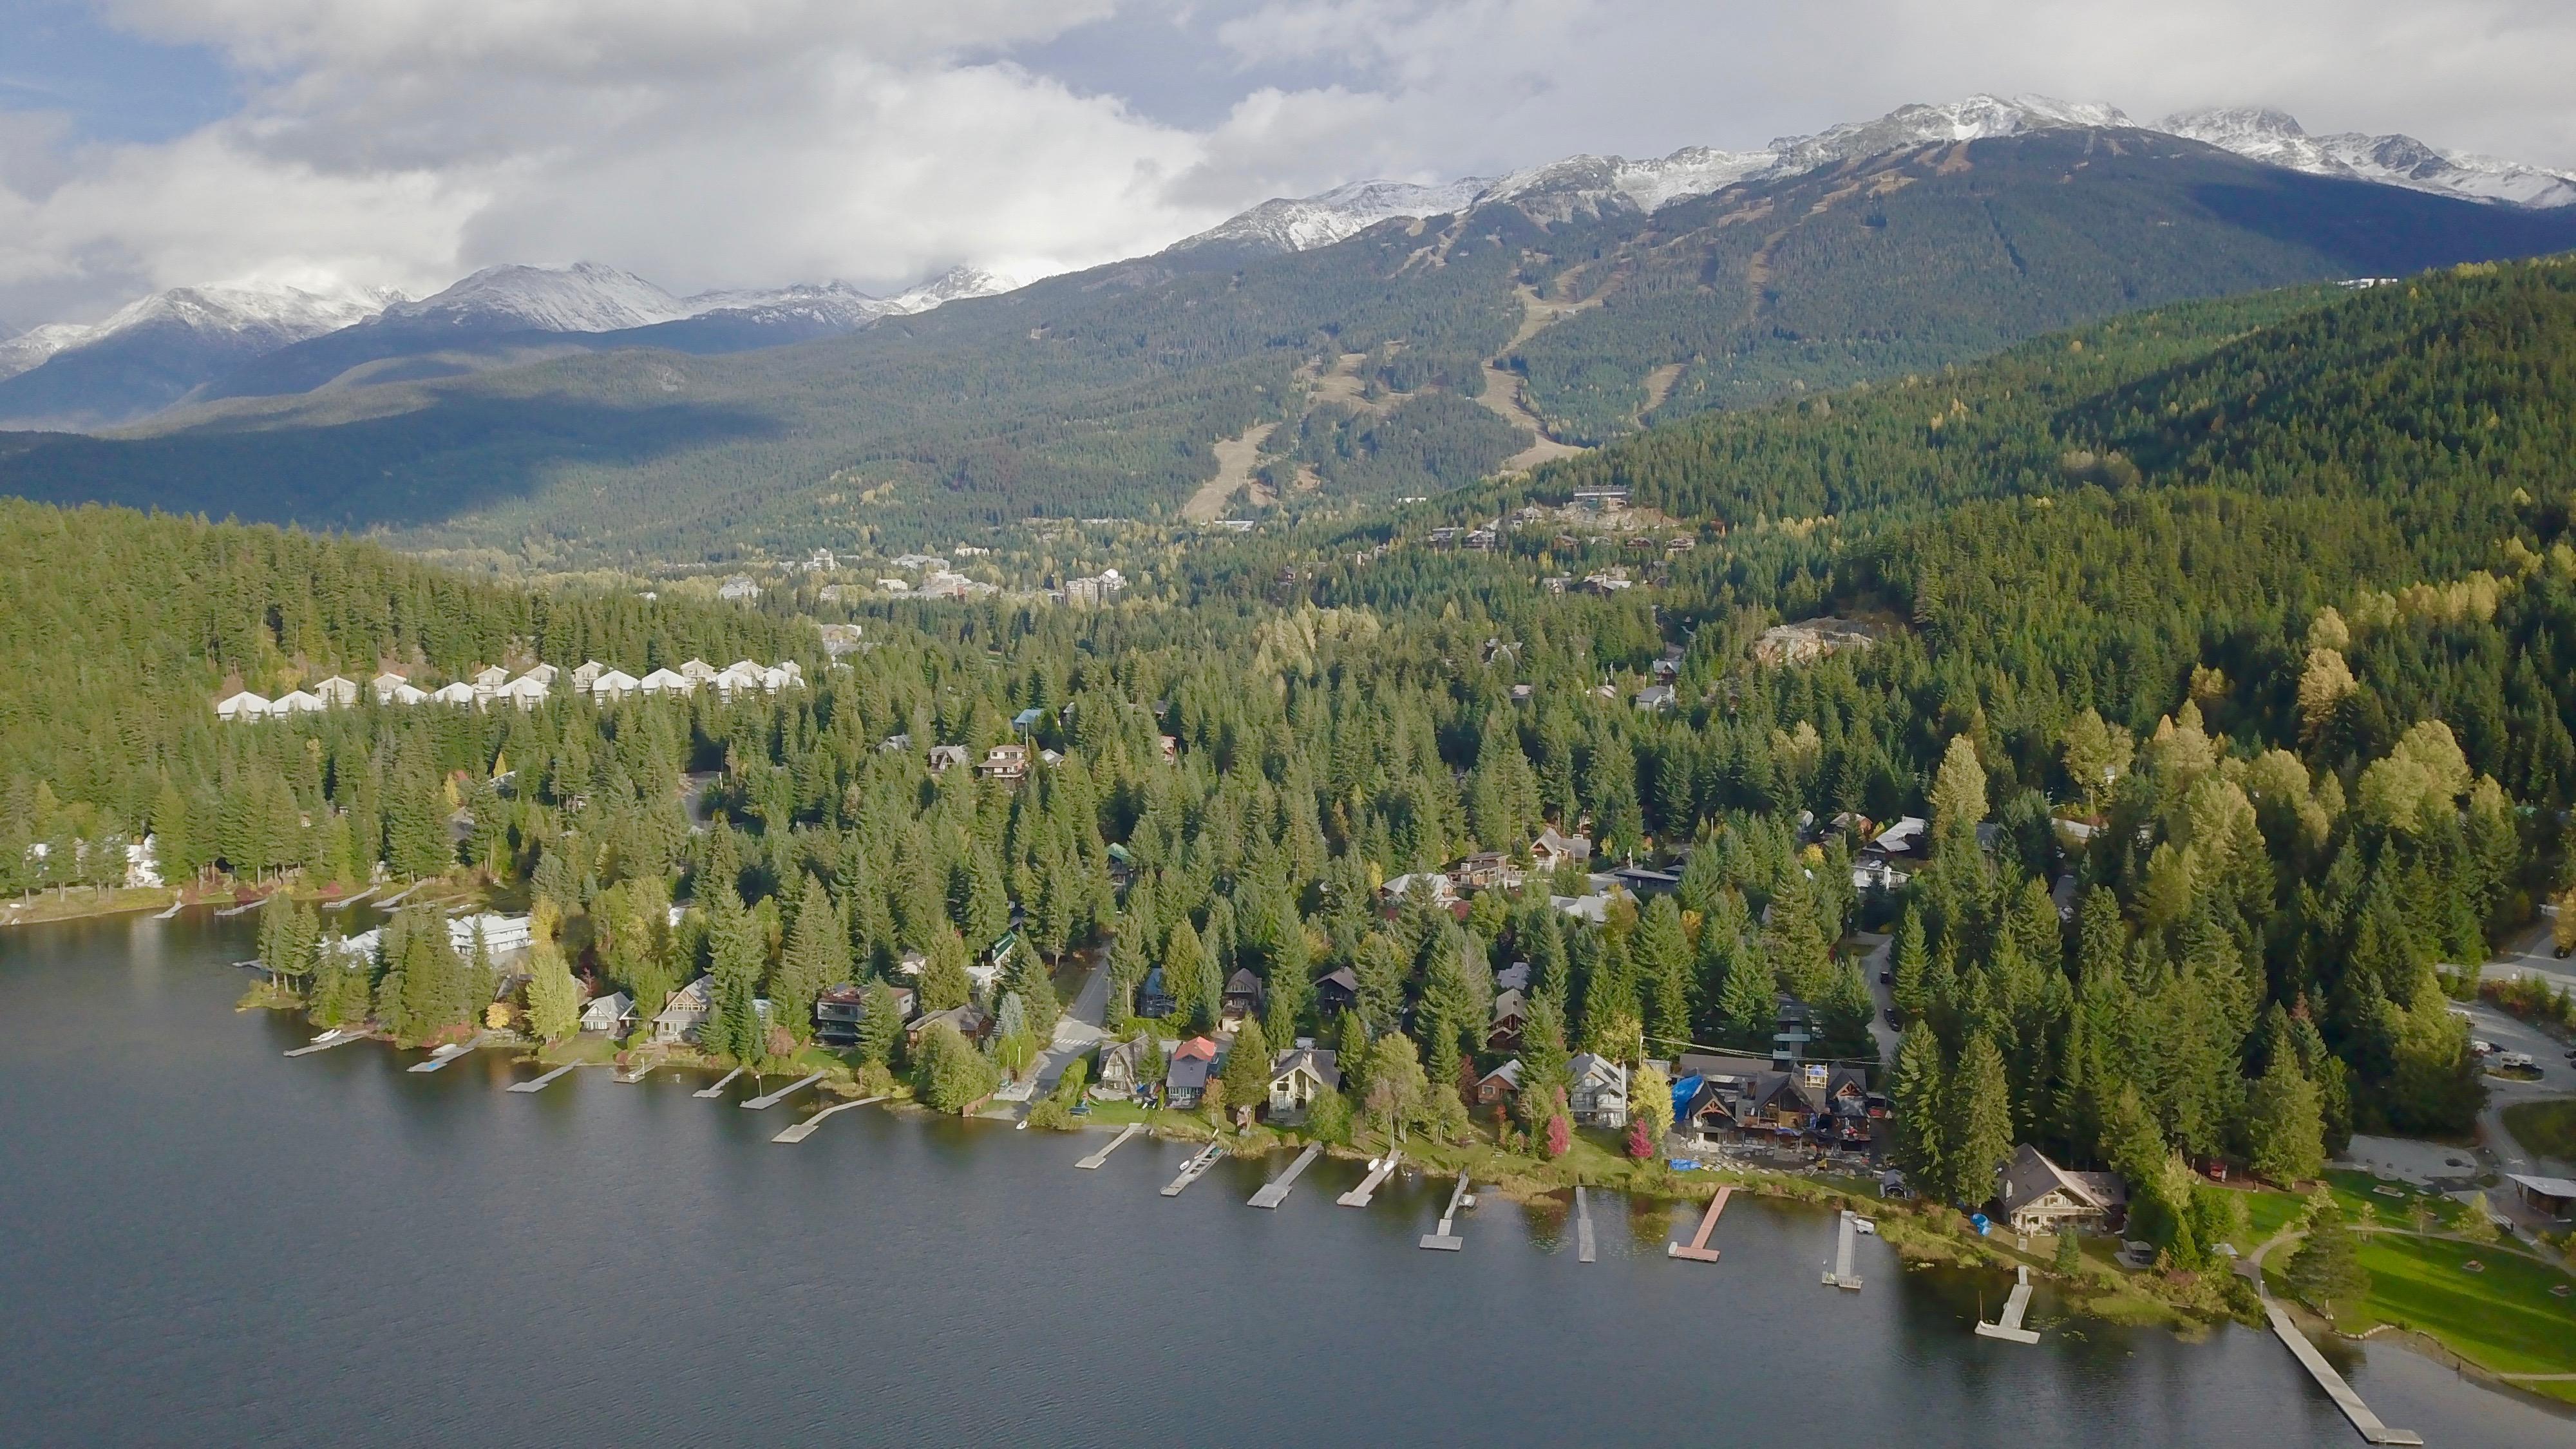 Alta Lake - Whsitler